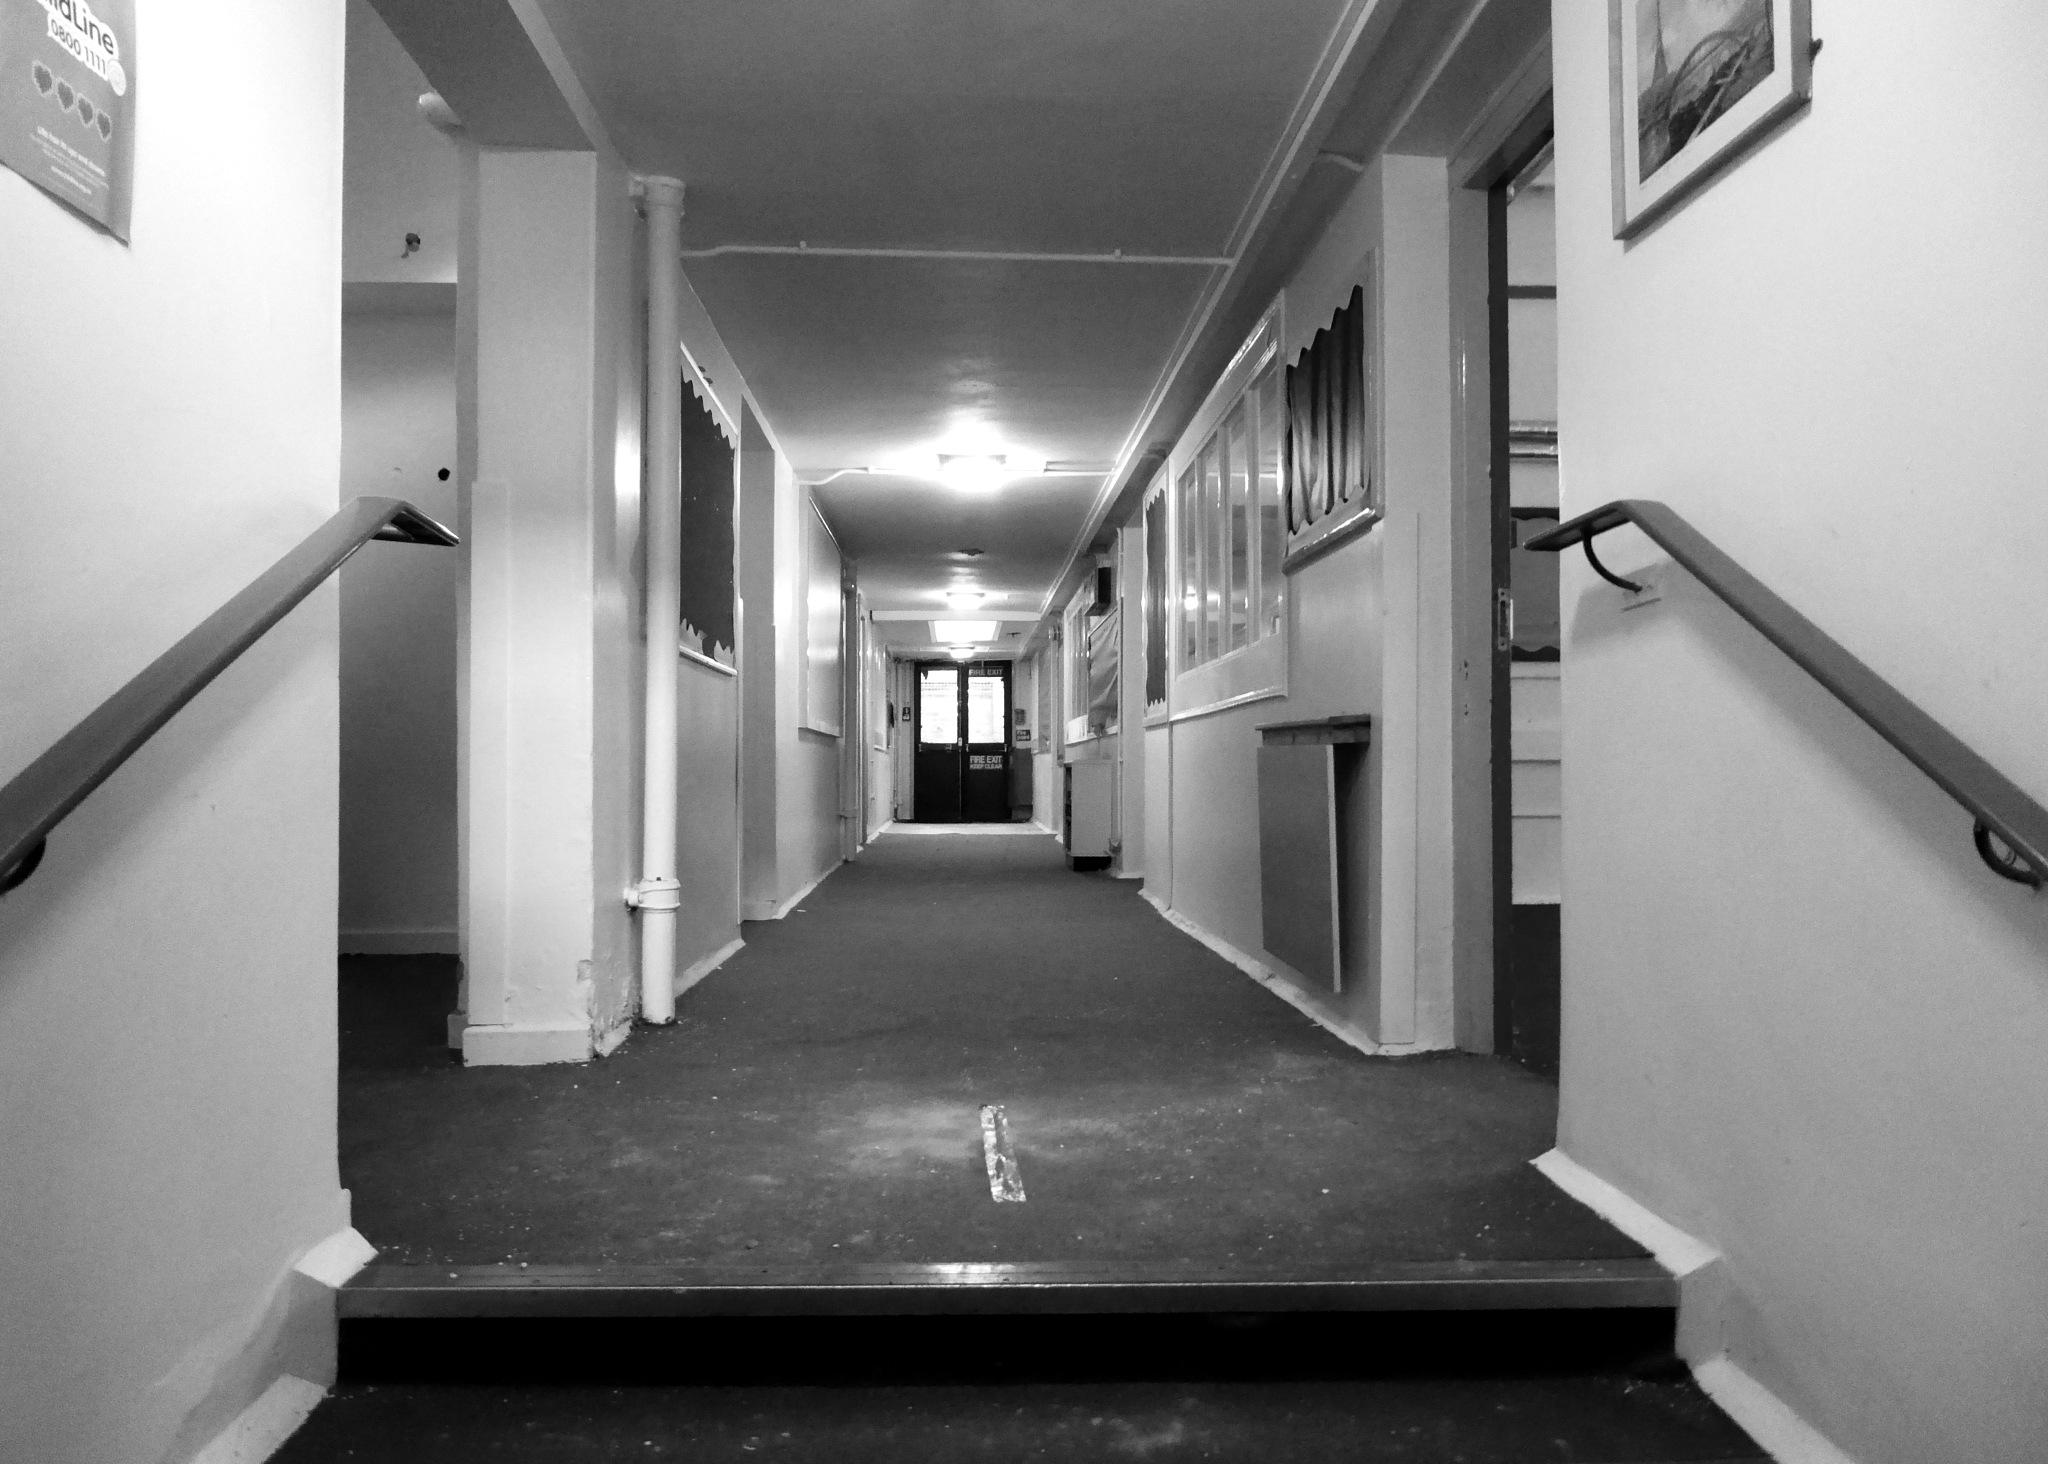 school corridors by cheryl.ferrarkirkham